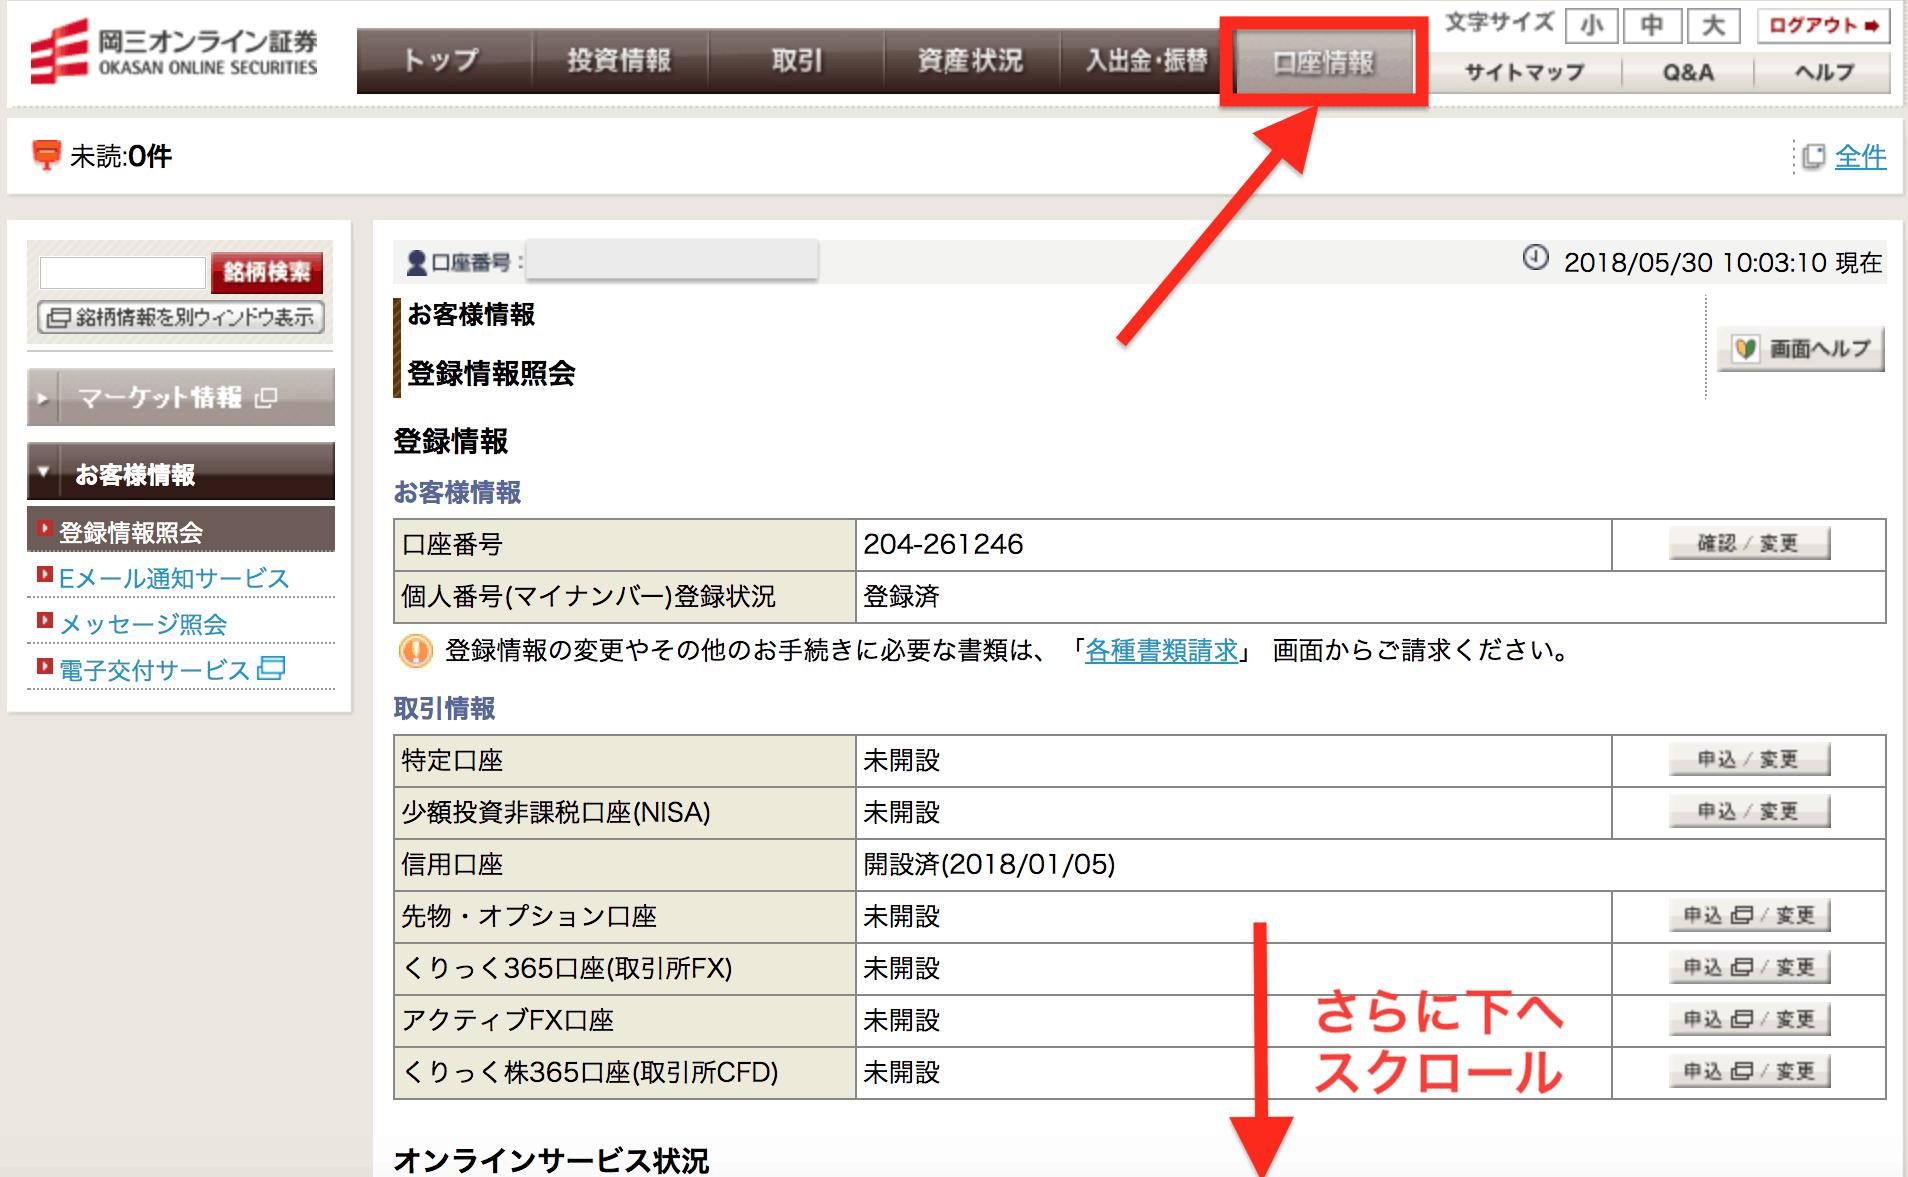 岡三オンライン証券マイページの「口座情報」へ